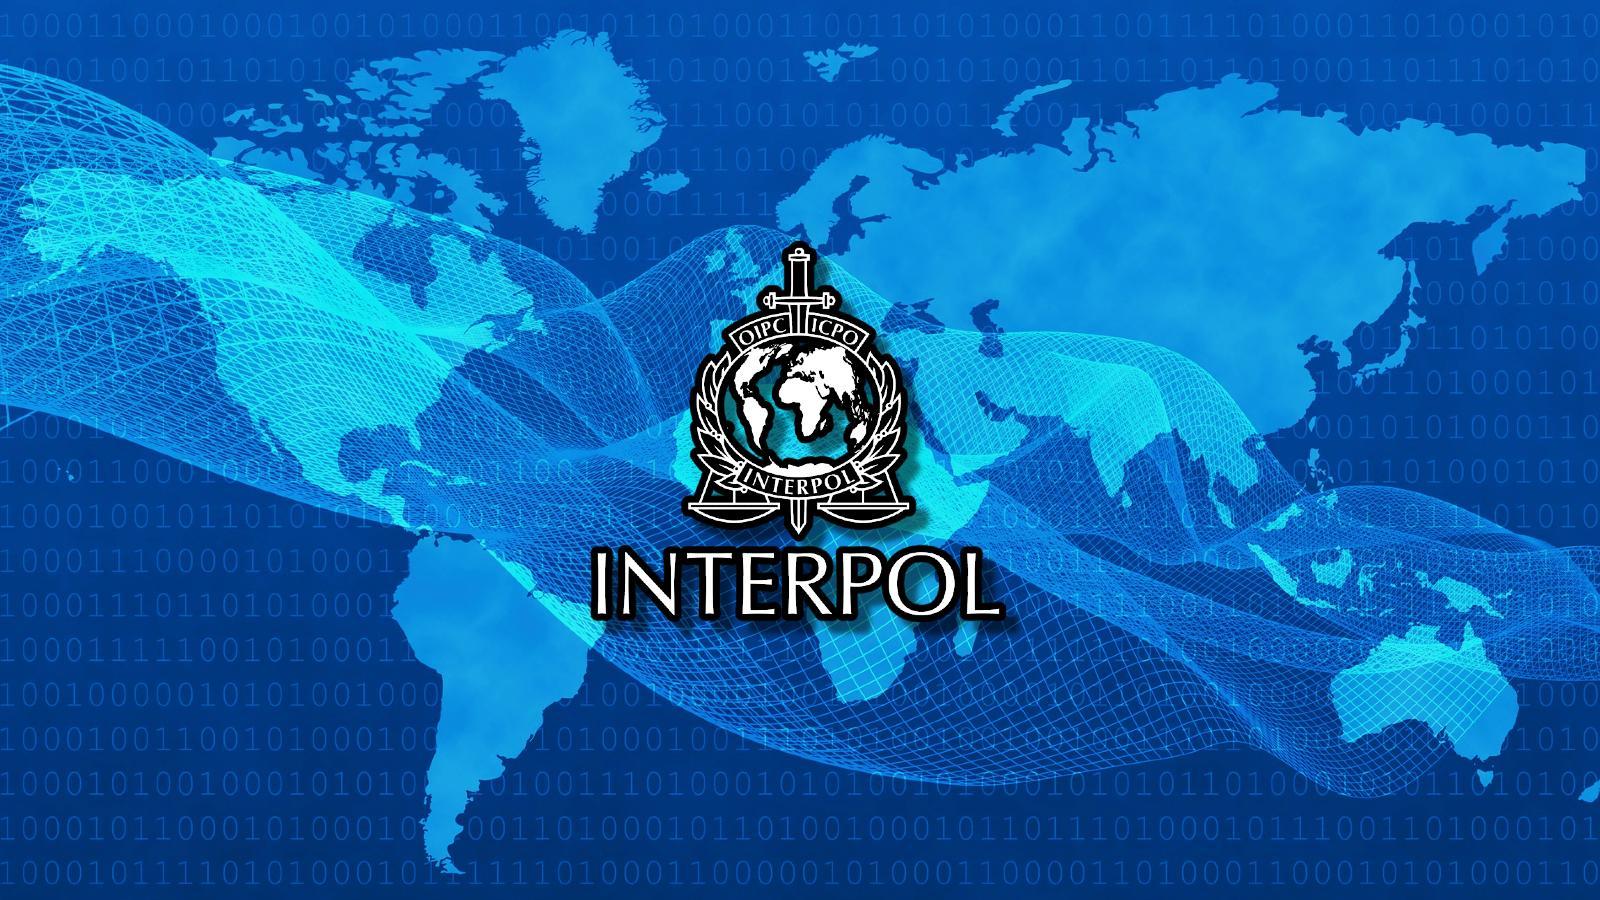 Interpol insta a la policía a unirse contra una 'posible pandemia de ransomware'